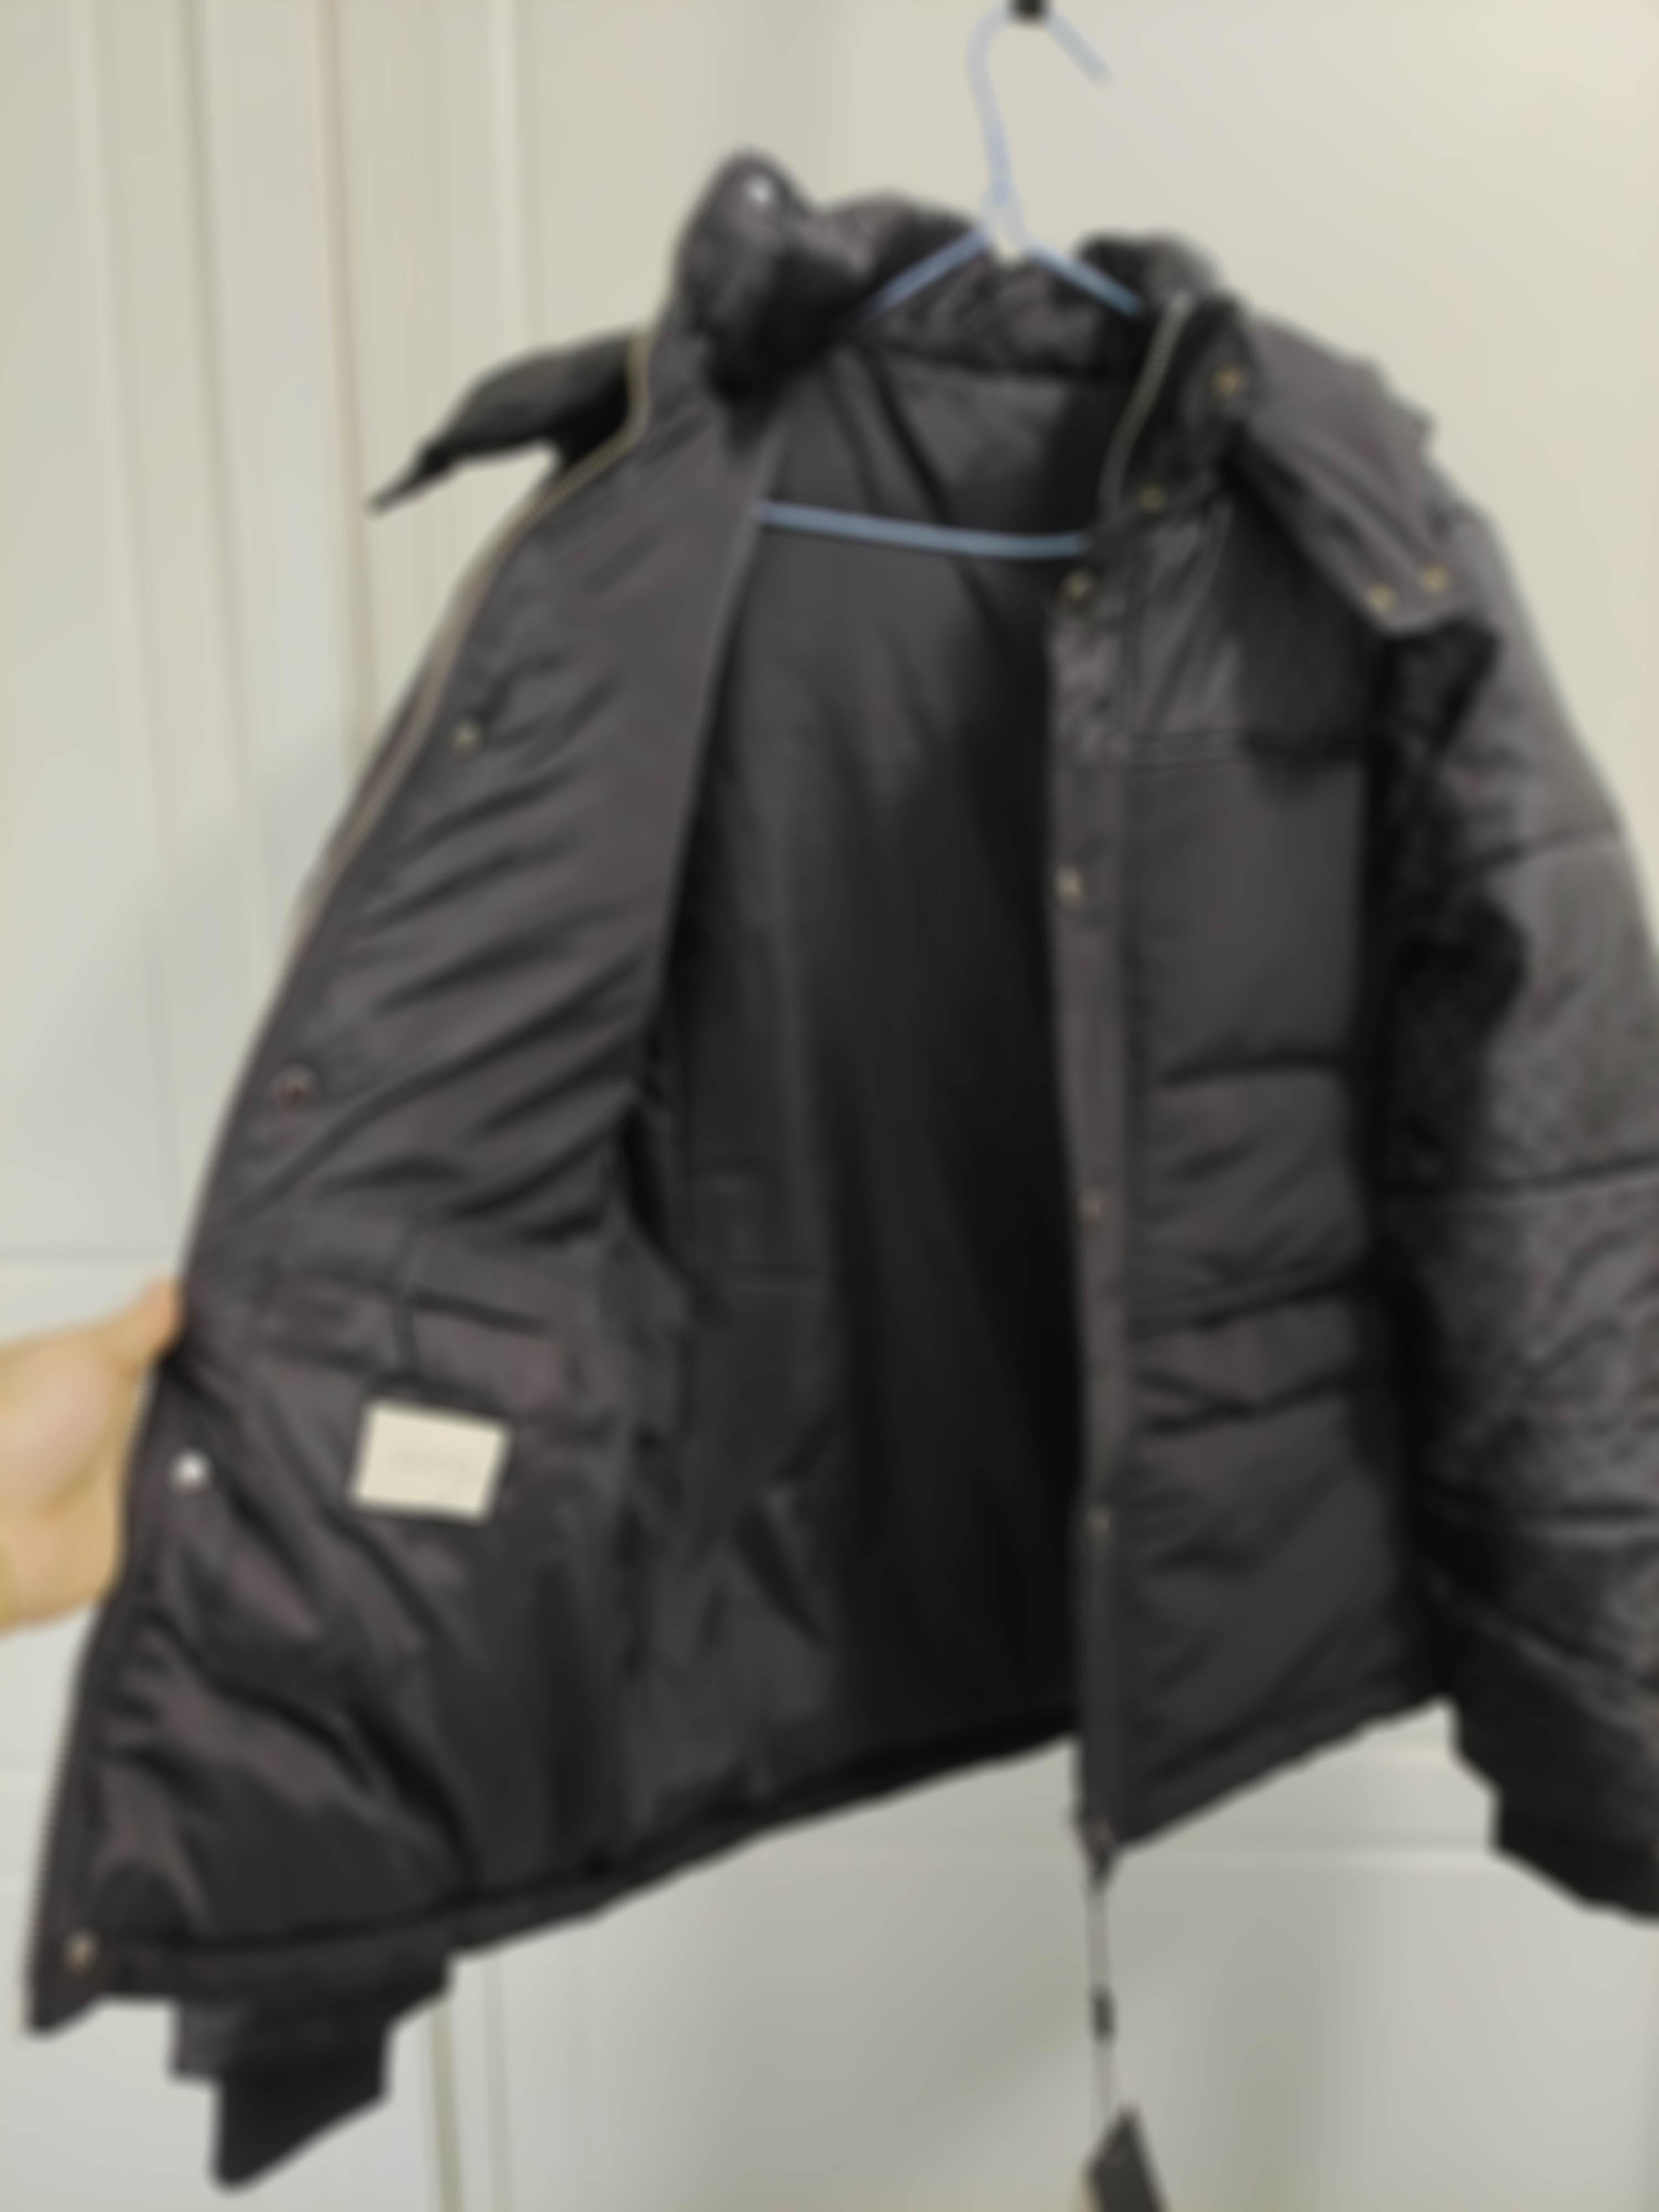 2021 uomo designer vestiti giacche parigi lettera verde banda di cotone baseball casual nuovo inverno mens giacca moda uomo mens cappotti invernali